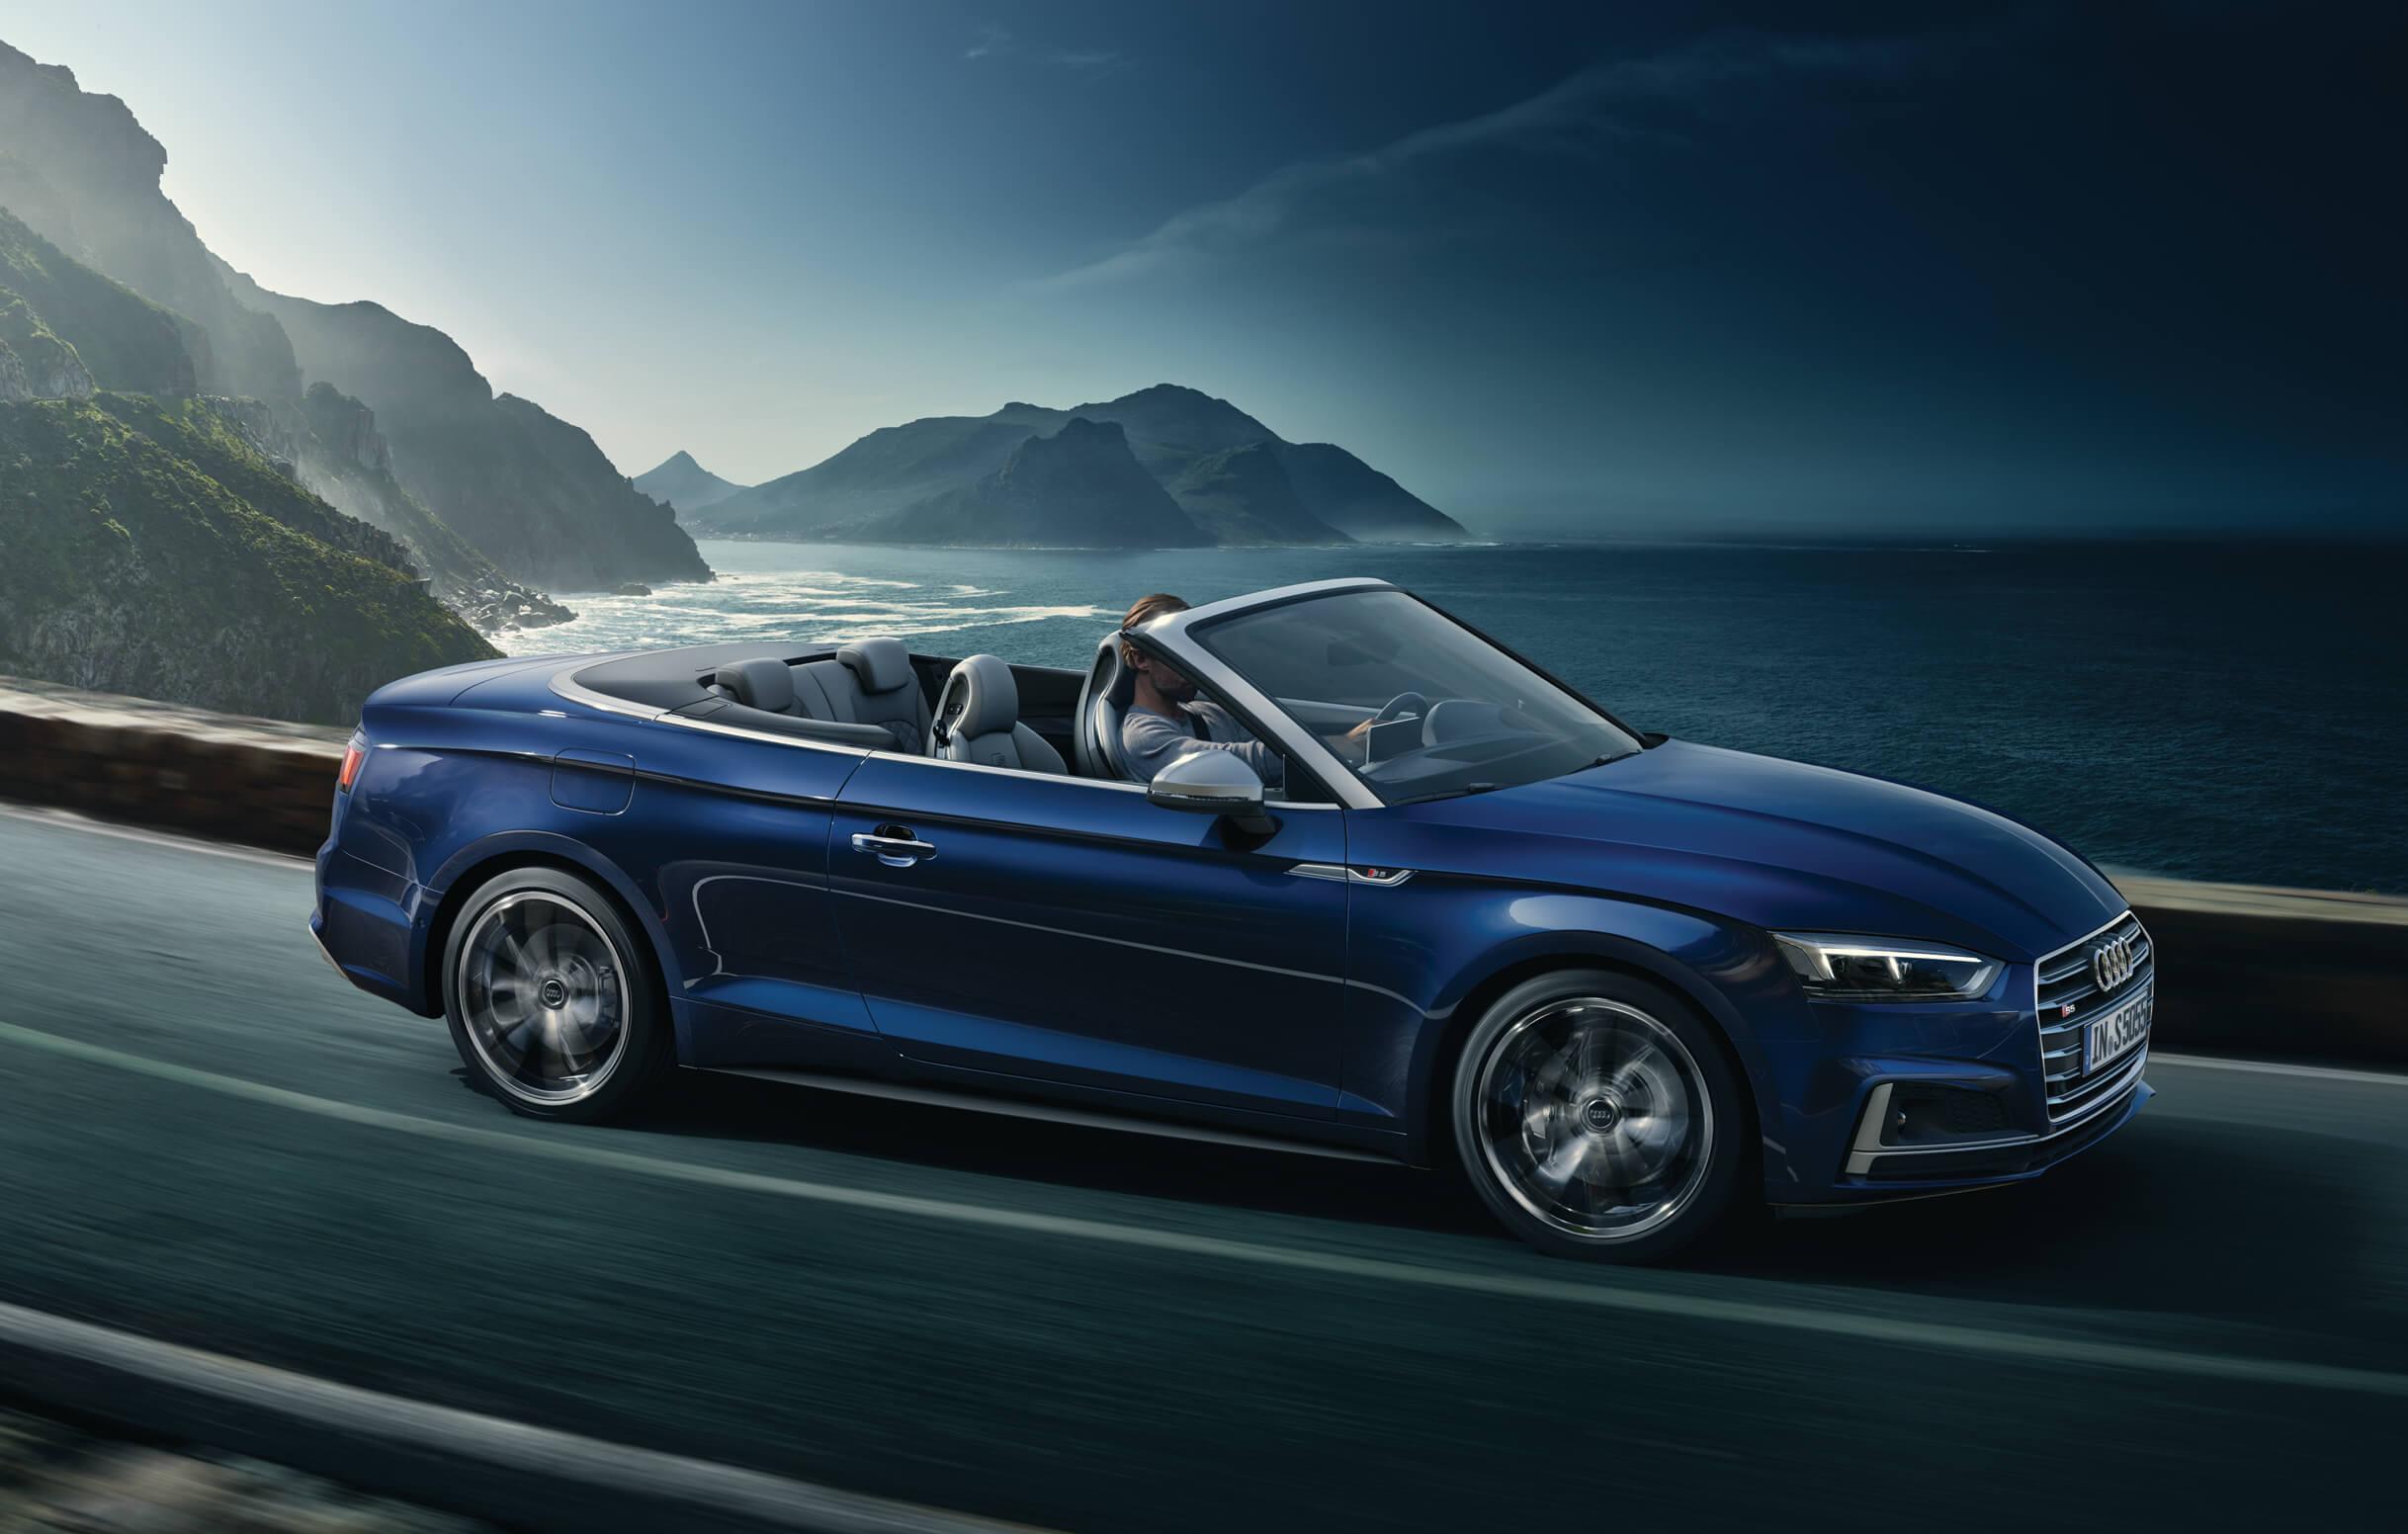 Focus On The Audi S5 Cabriolet Torquetips